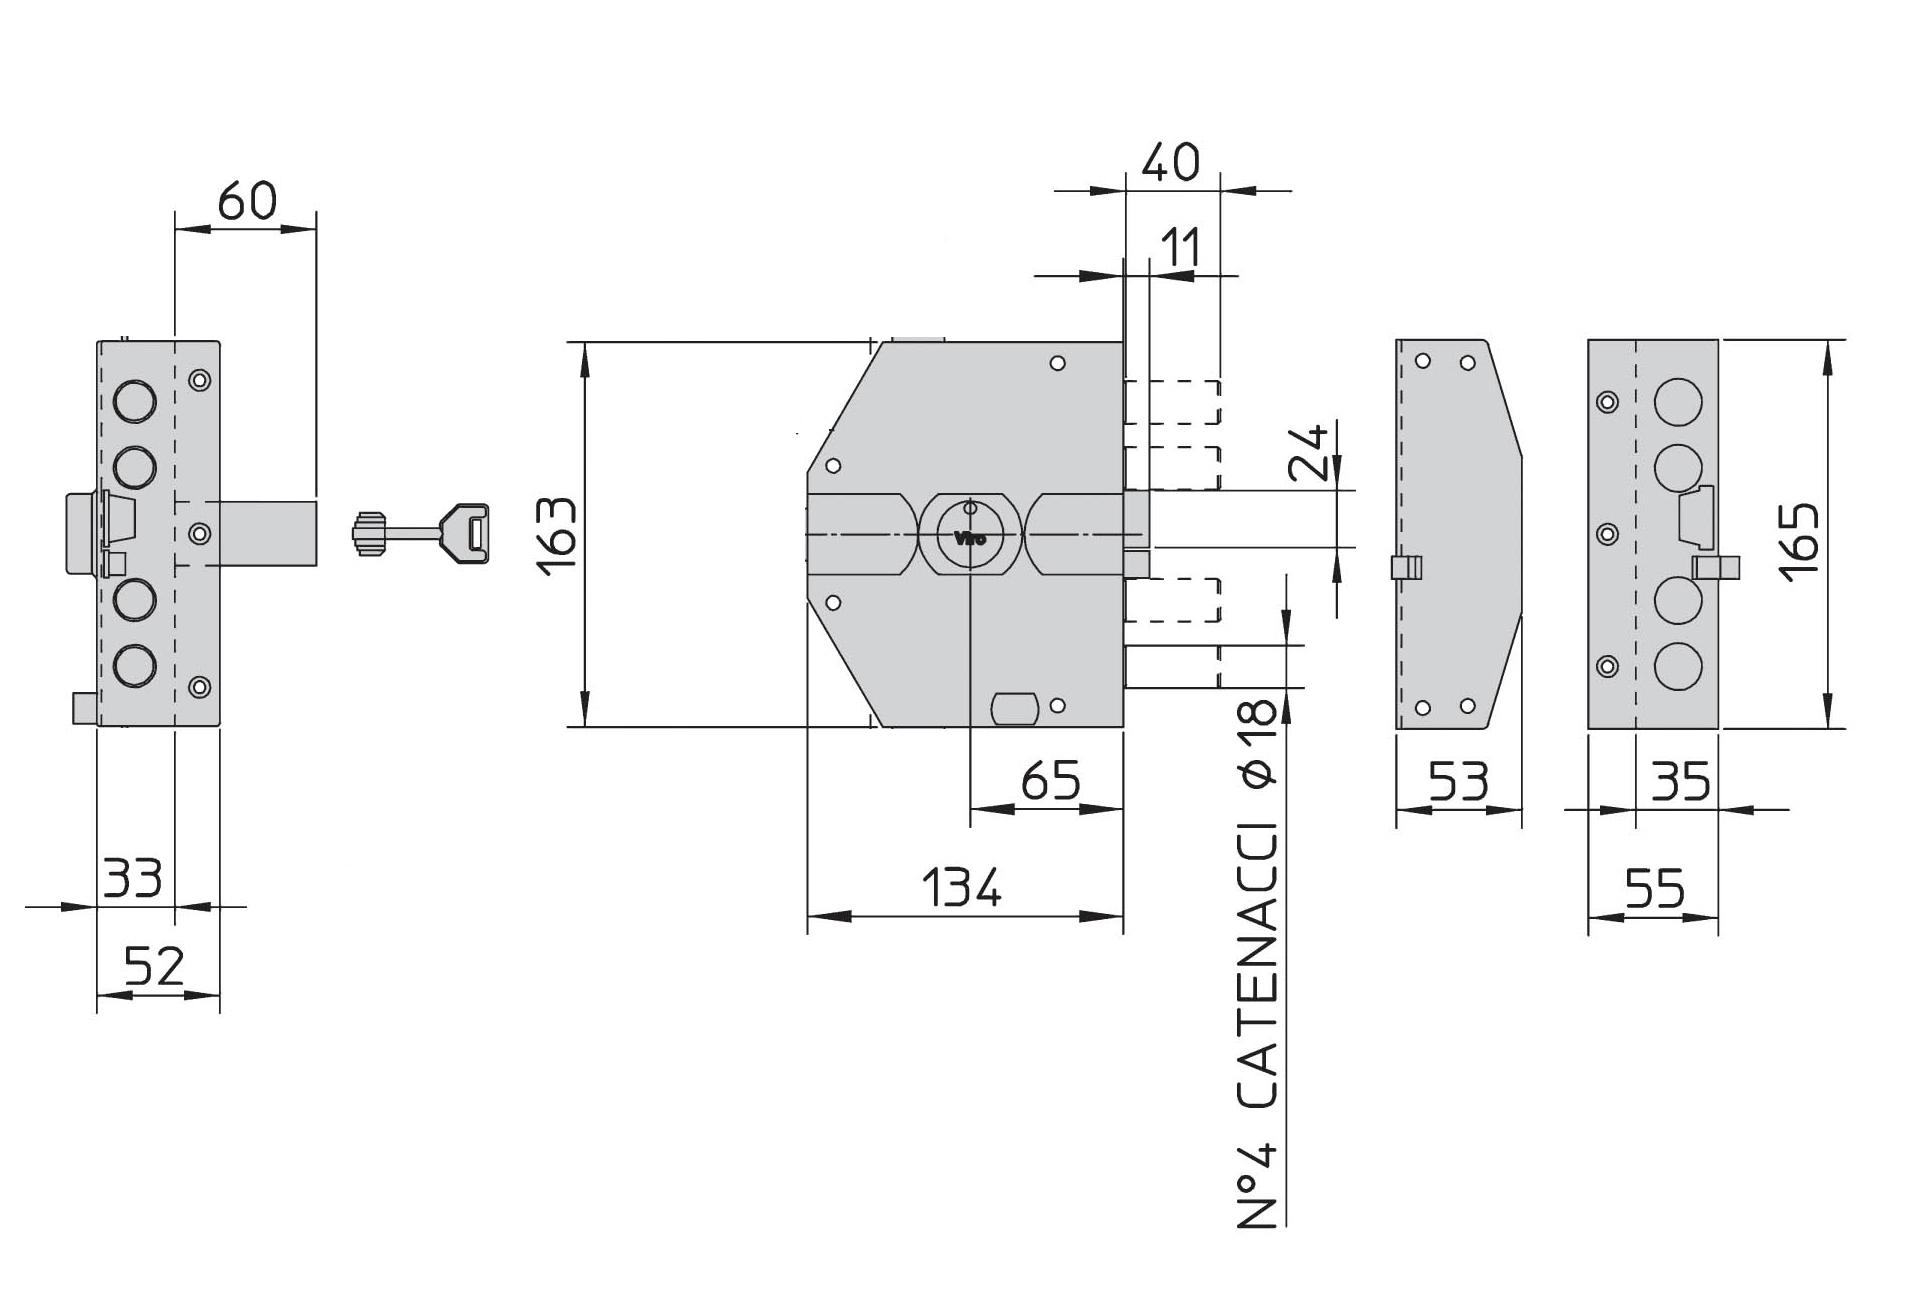 Serratura di sicurezza elettrica cilindro a pompa Serie V85 7943.1 VIRO